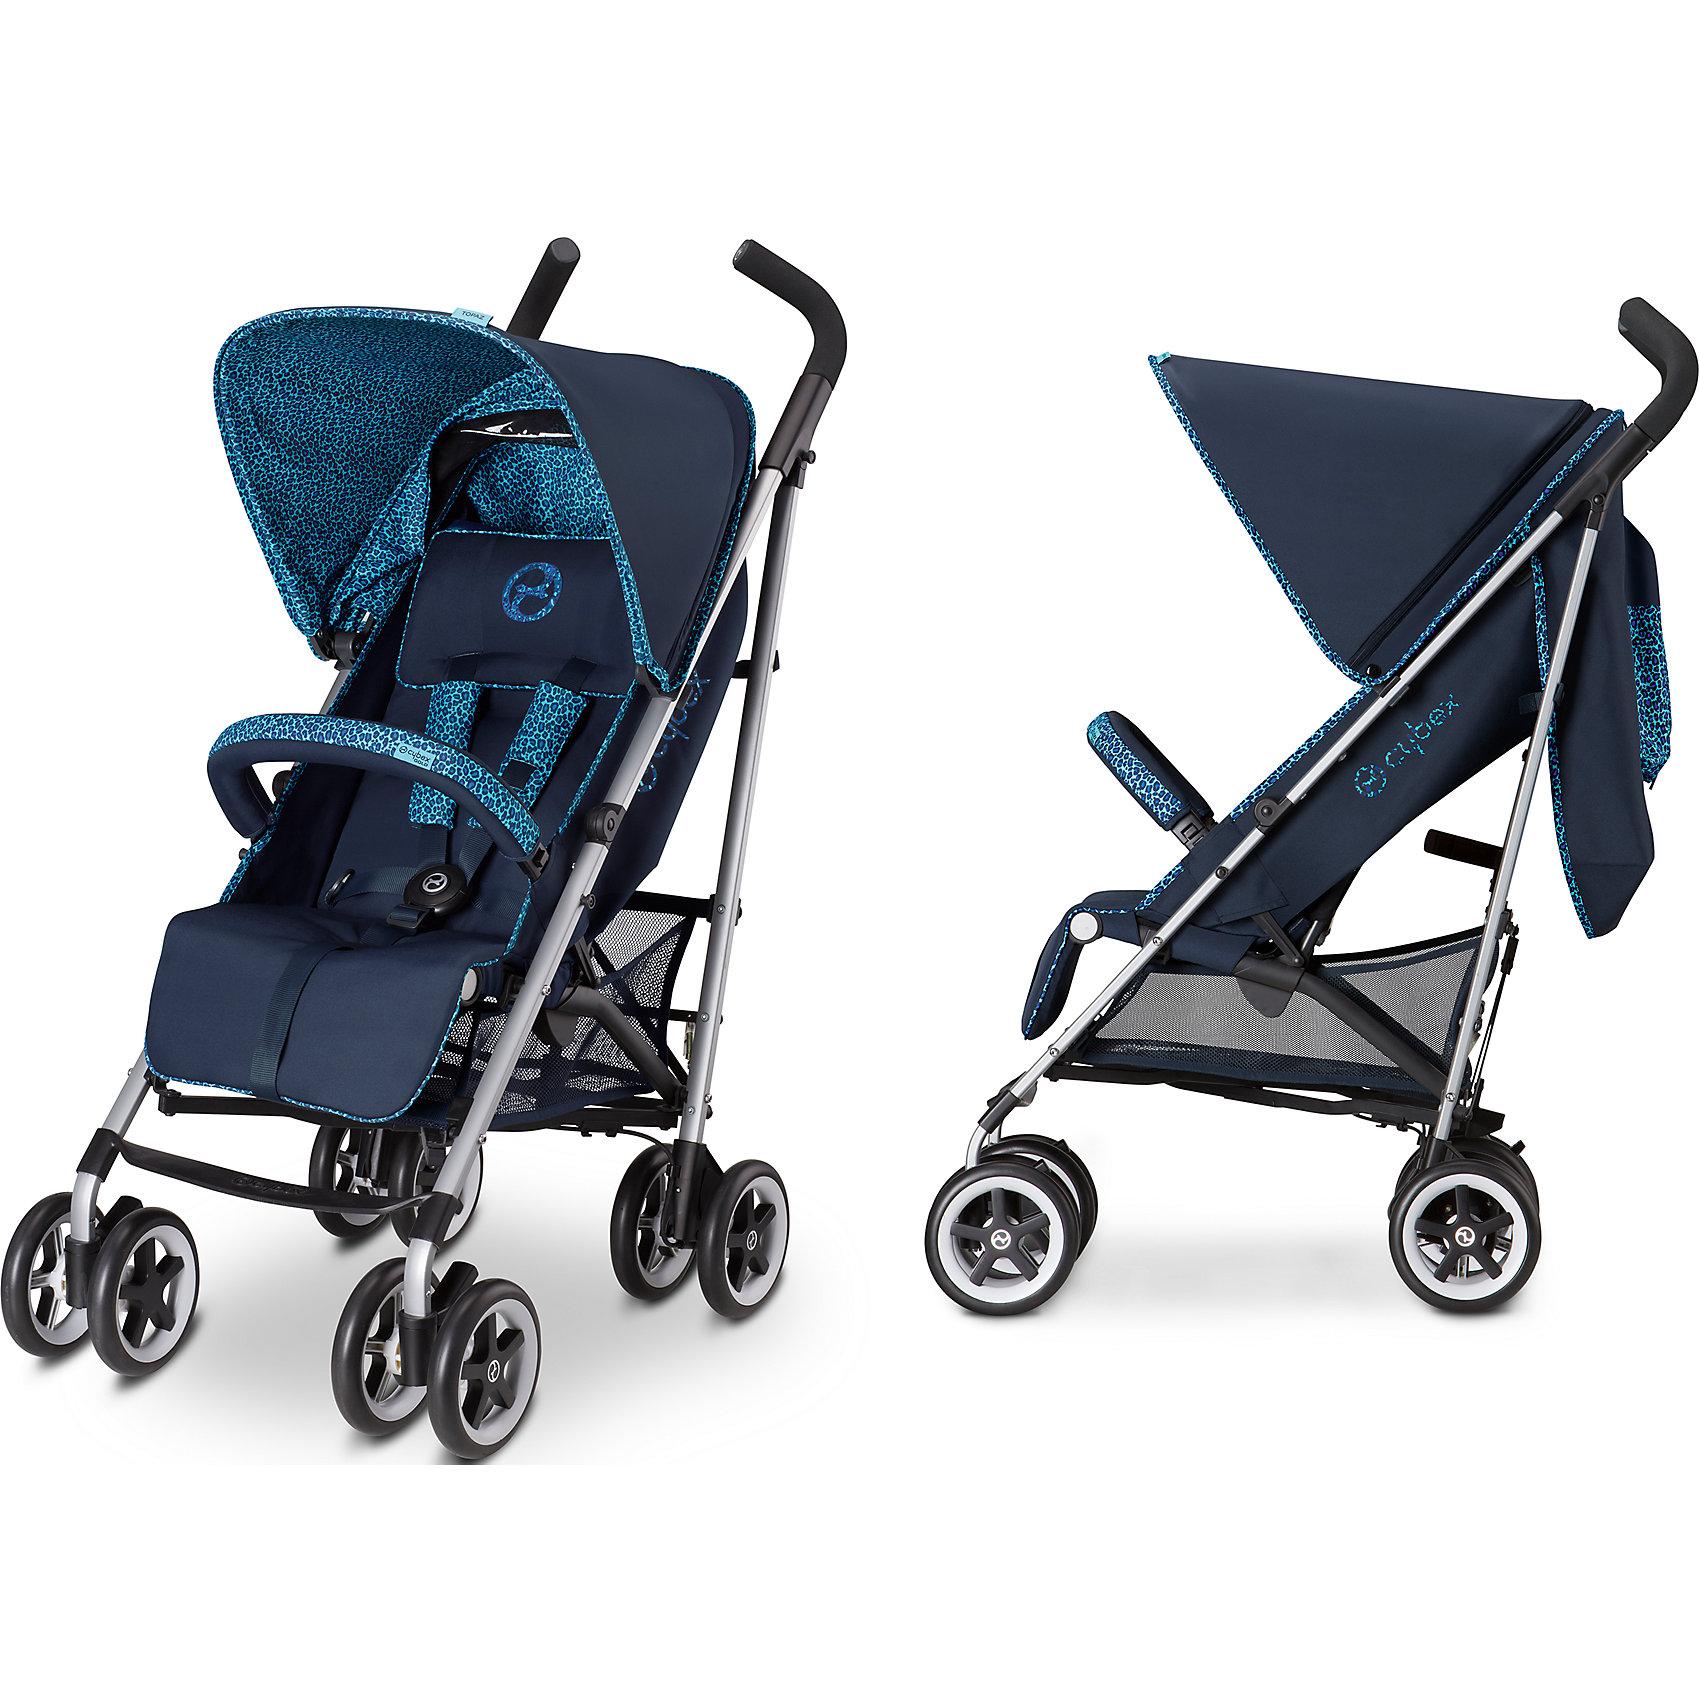 Коляска-трость Cybex Topaz Royal, синий 2016Коляски-трости<br>Яркие цвета непременно понравятся Вам и Вашему малышу. Коляска-трость Cybex Topaz - это идеальный транспорт для детей активных родителей. Благодаря своему стильному внешнему виду и функциональности, она удовлетворит требования даже самых притязательных родителей. Коляска  легкая, маневренная, крепкая – прекрасный вариант как для городских прогулок, так и для отдыха.<br>Коляска подходит для малыша с 4 месяцев и до 3 лет.<br><br>Особенности:<br>- Спинка регулируется в 4-х положениях, в том числе имеется и почти горизонтальное, и малыш, и ребенок повзрослее сможет отдохнуть на прогулке (170?);<br>- Одним движением руки вы сможете отрегулировать пятиточечные ремни безопасности;<br>- Ткань коляски Cybex Topaz выполнена их качественных легко дышащих материалов, что особенно важно летом , в жаркую погоду;<br>- Объемный капюшон защитит малыша и от палящих лучей солнца, и от ветра;<br>- На капюшоне есть смотровое окошко, которое всегда позволит маме держать малыша в поле зрения;<br>- На капюшоне есть удобный дополнительный карман, в который можно положить необходимые мелочи;<br>- Для более удобного положения головы и плеч коляска трость Cybex Topaz имеет мягкую подкладку;<br>- Подножка регулируется в двух положениях, тем самым удлиняя спальное место, что особенно пригодится уже подросшим детям;<br>- Ручки регулируются по высоте, обеспечивая комфорт при прогулке родителю любого роста;<br>- Ручки эргономичной формы, удобные, с не скользящим покрытием;<br>- Есть съемный бампер с мягкой обивкой, обеспечивающий малышу дополнительный комфорт;<br>- Для переноски предусмотрена специальная ручка;<br>- 4 пары сдвоенных колес, выполненных из морозоустойчивого литого бесшумного пластика и плотной резины, обеспечивают необходимую маневренность;<br>- Передние колеса коляски поворотные, но в случае необходимости их можно зафиксировать;<br>- Подвеска на всех 4 колесах позволит сгладить неровности на дорогах;<br>- Рама выполнена и